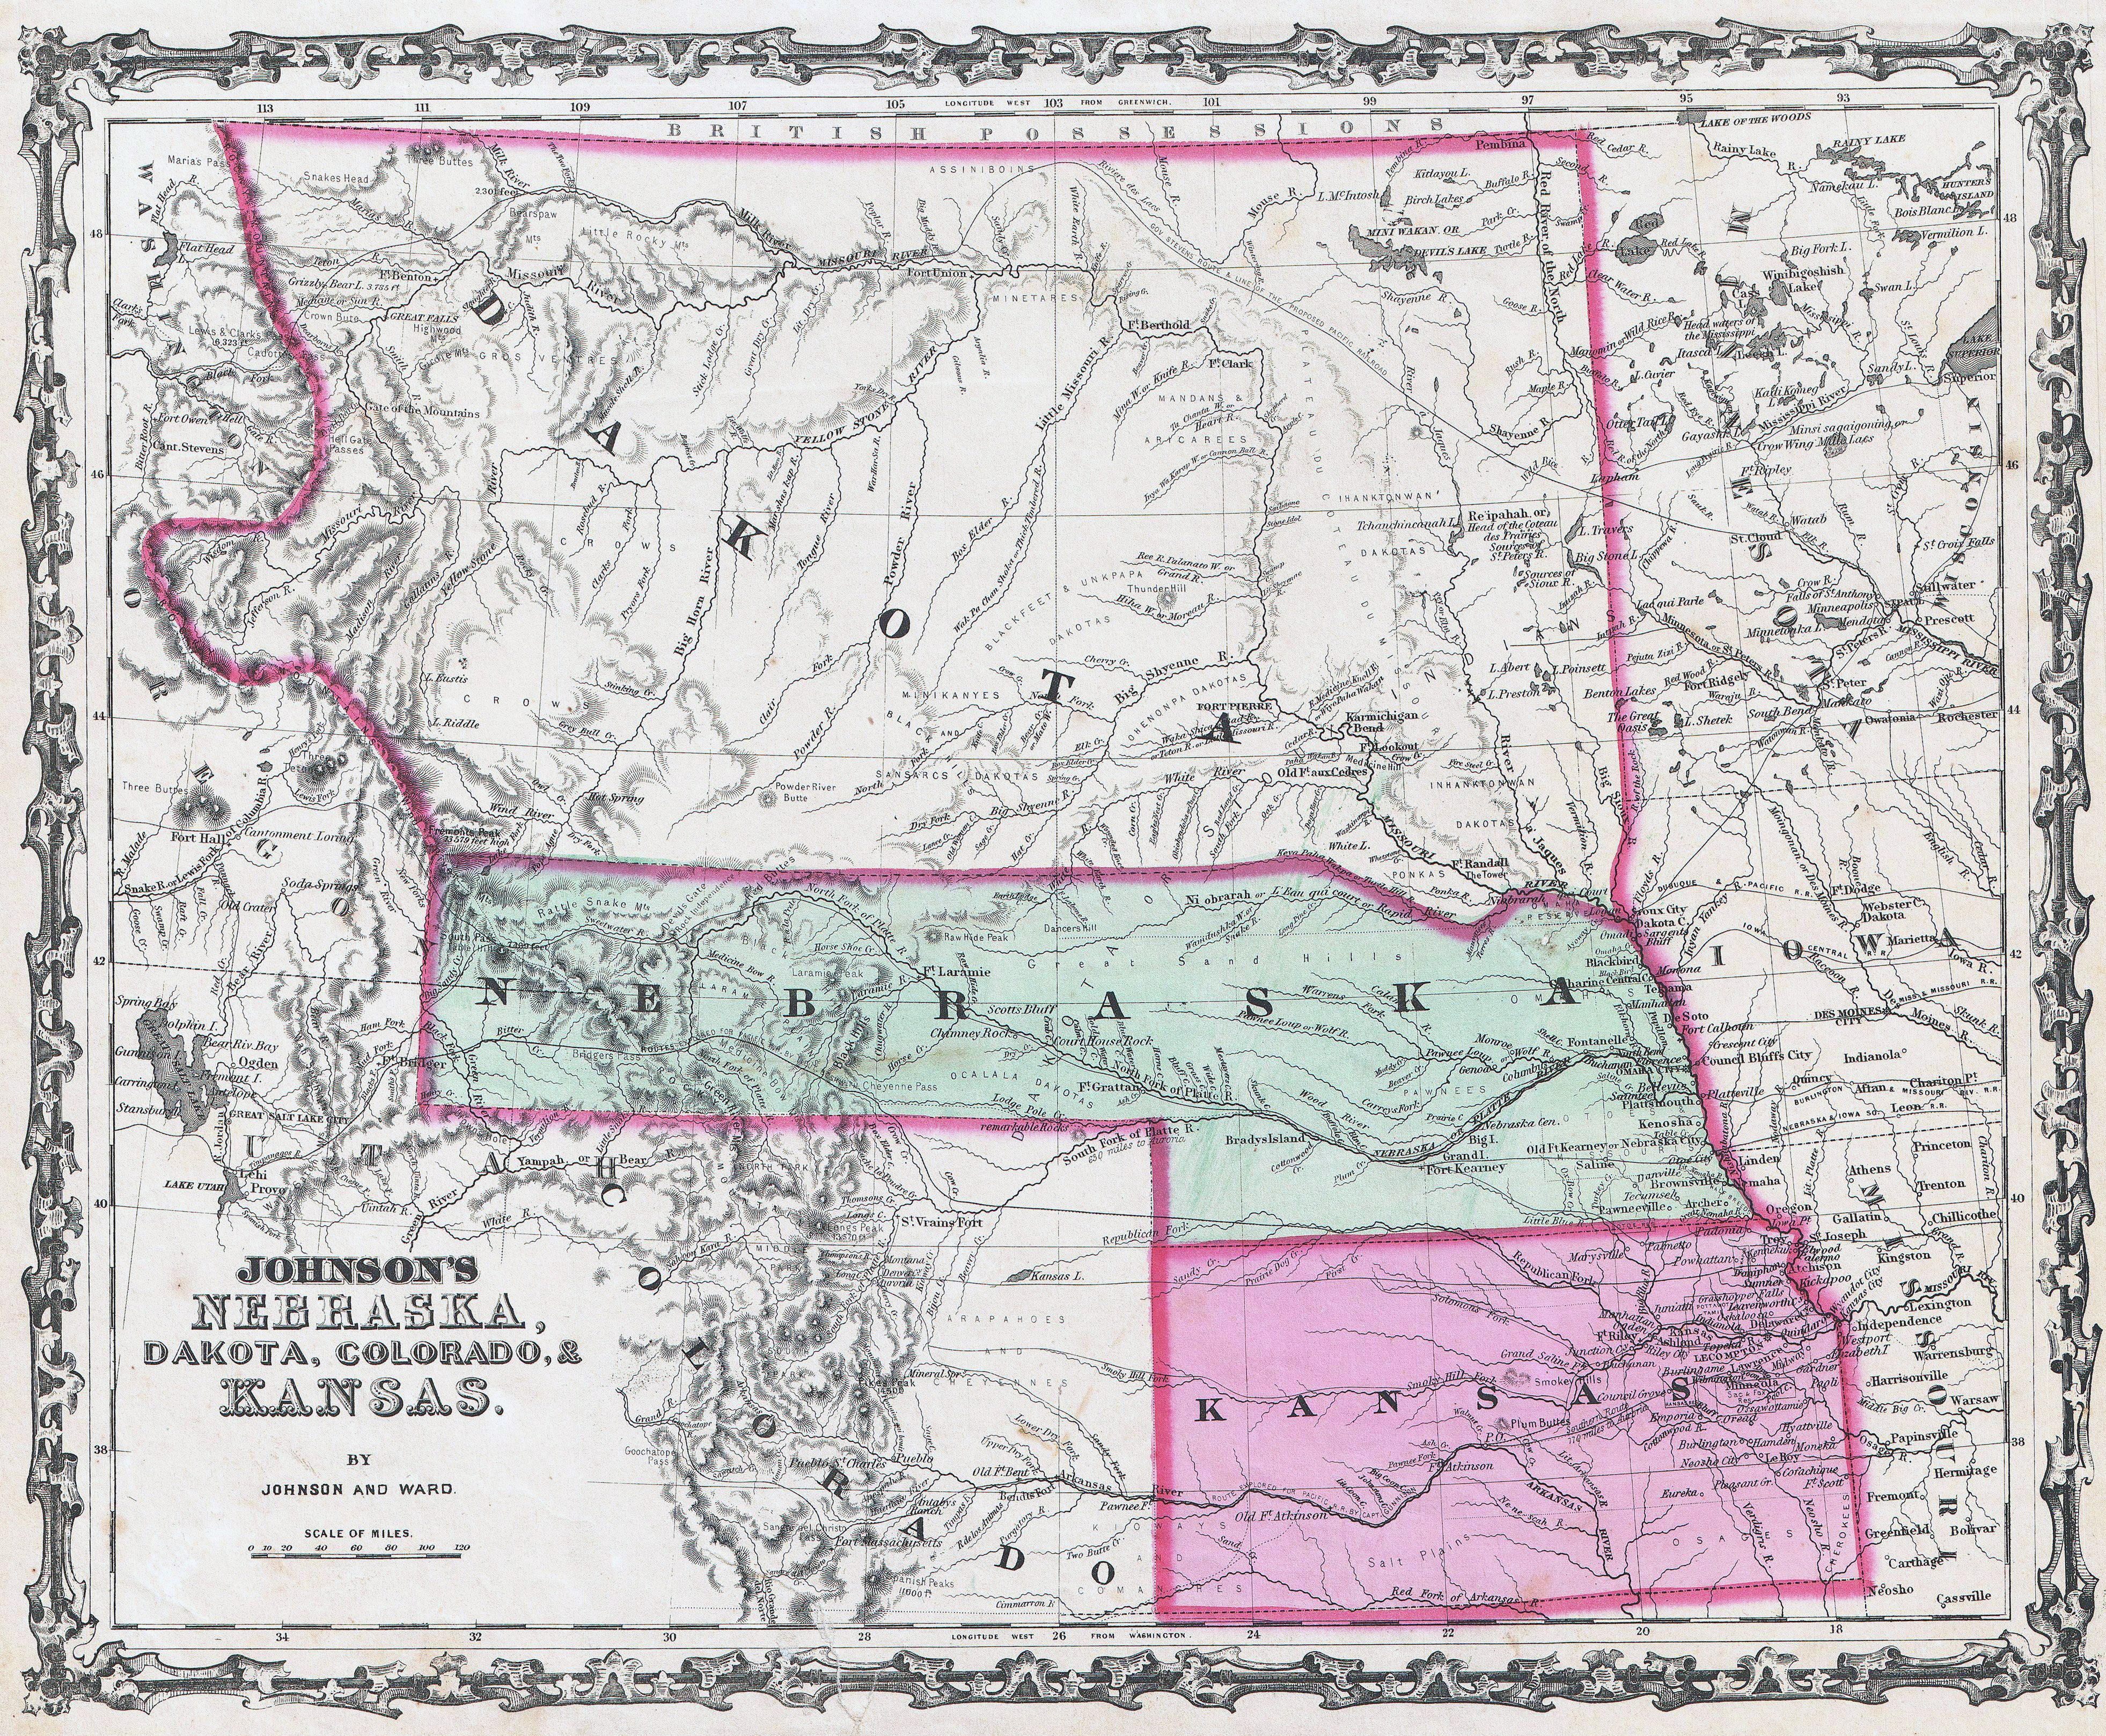 Relief map of the Dakota and Nebraska Territories and State of Kansas, 1862.